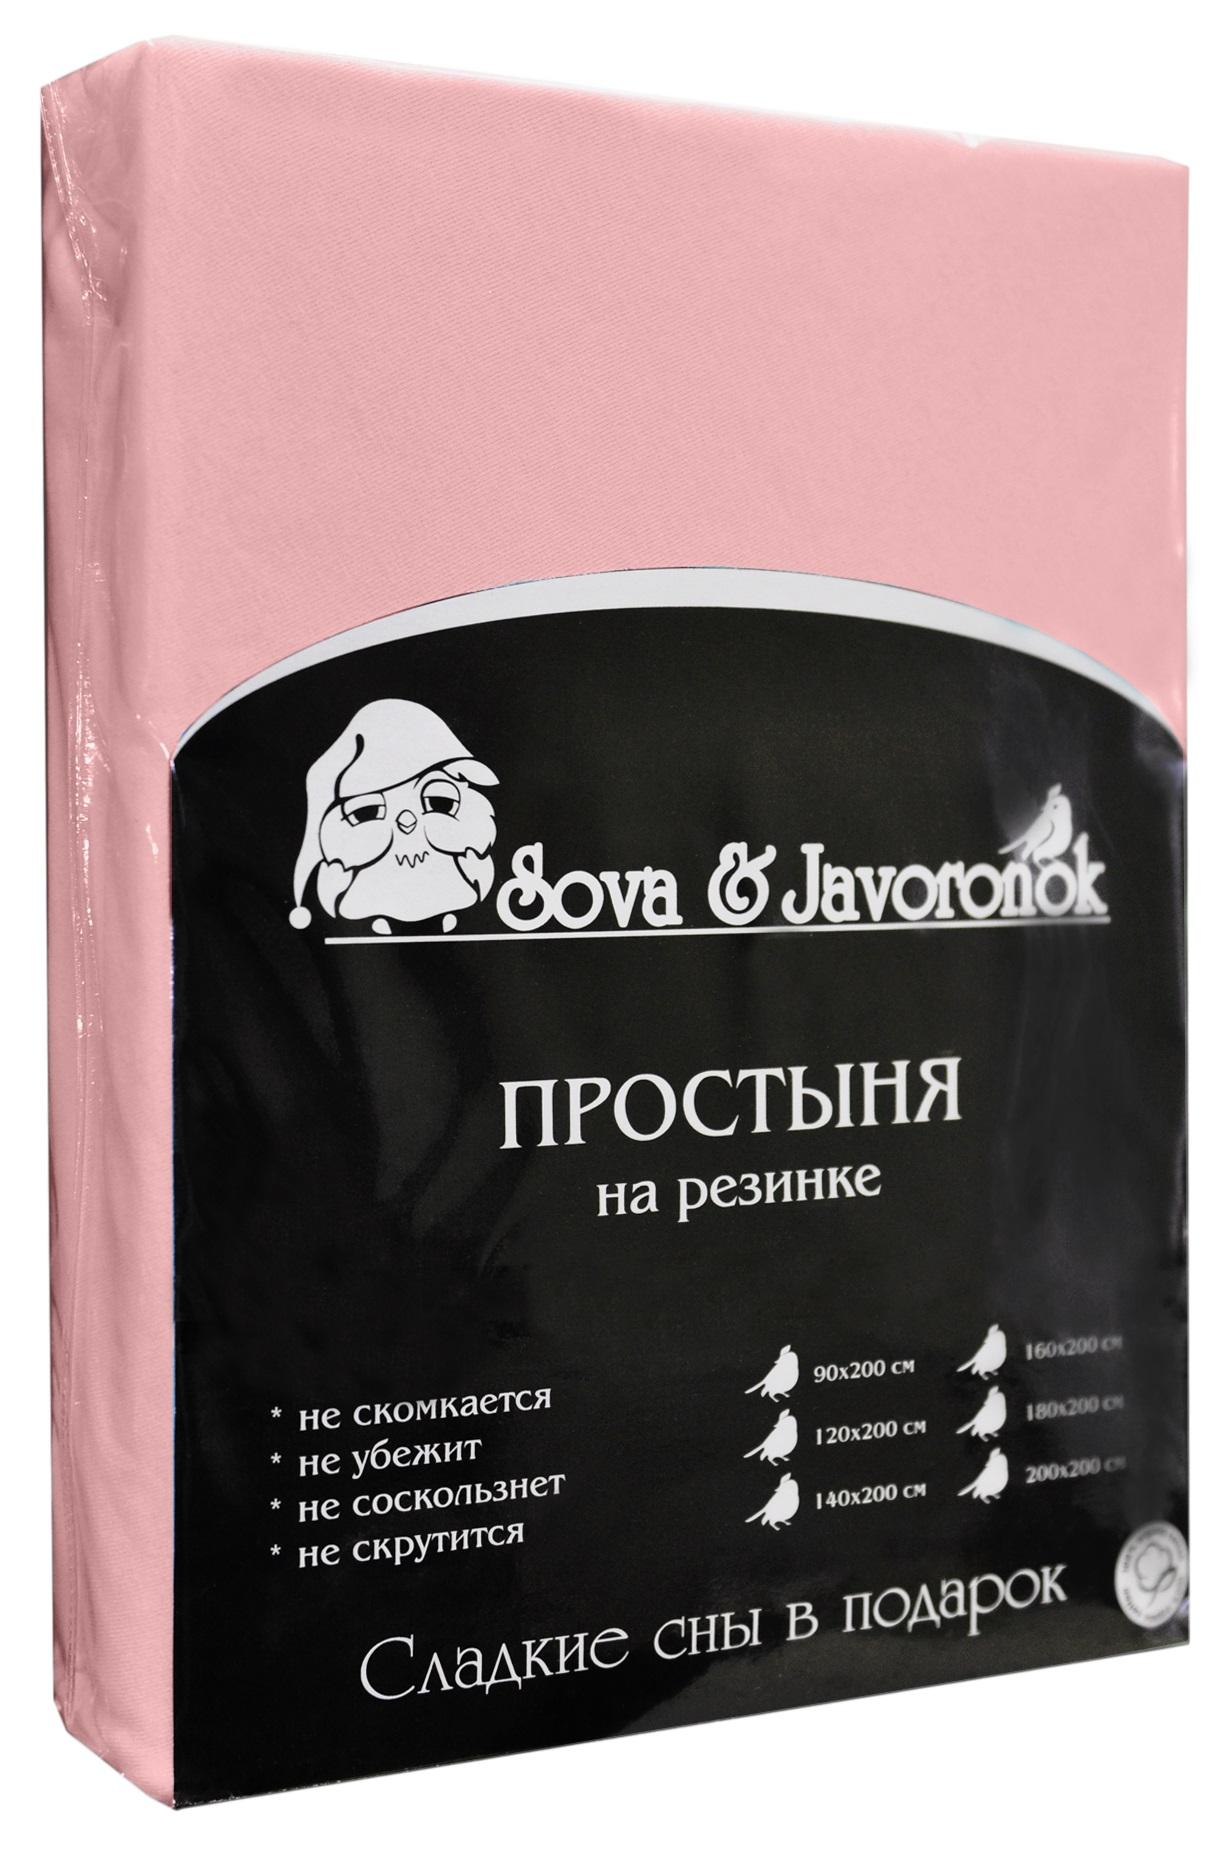 Простыня на резинке Sova & Javoronok, цвет: светло-розовый, 200 х 200 смES-412Простыня на резинке Sova & Javoronok, изготовленная из трикотажной ткани (100% хлопок), будет превосходно смотреться с любыми комплектами белья. Хлопчатобумажный трикотаж по праву считается одним из самых качественных, прочных и при этом приятных на ощупь. Его гигиеничность позволяет использовать простыню и в детских комнатах, к тому же 100%-ый хлопок в составе ткани не вызовет аллергии. У трикотажного полотна очень интересная структура, немного рыхлая за счет отсутствия плотного переплетения нитей и наличия особых петель, благодаря этому простыня Сова и Жаворонок отлично пропускает воздух и способствует его постоянной циркуляции. Поэтому ваша постель будет всегда оставаться свежей. Но главное и, пожалуй, самое известное свойство трикотажа - это его великолепная растяжимость, поэтому эта ткань и была выбрана для натяжной простыни на резинке.Простыня прошита резинкой по всему периметру, что обеспечивает более комфортный отдых, так как она прочно удерживается на матрасе и избавляет от необходимости часто поправлять простыню.